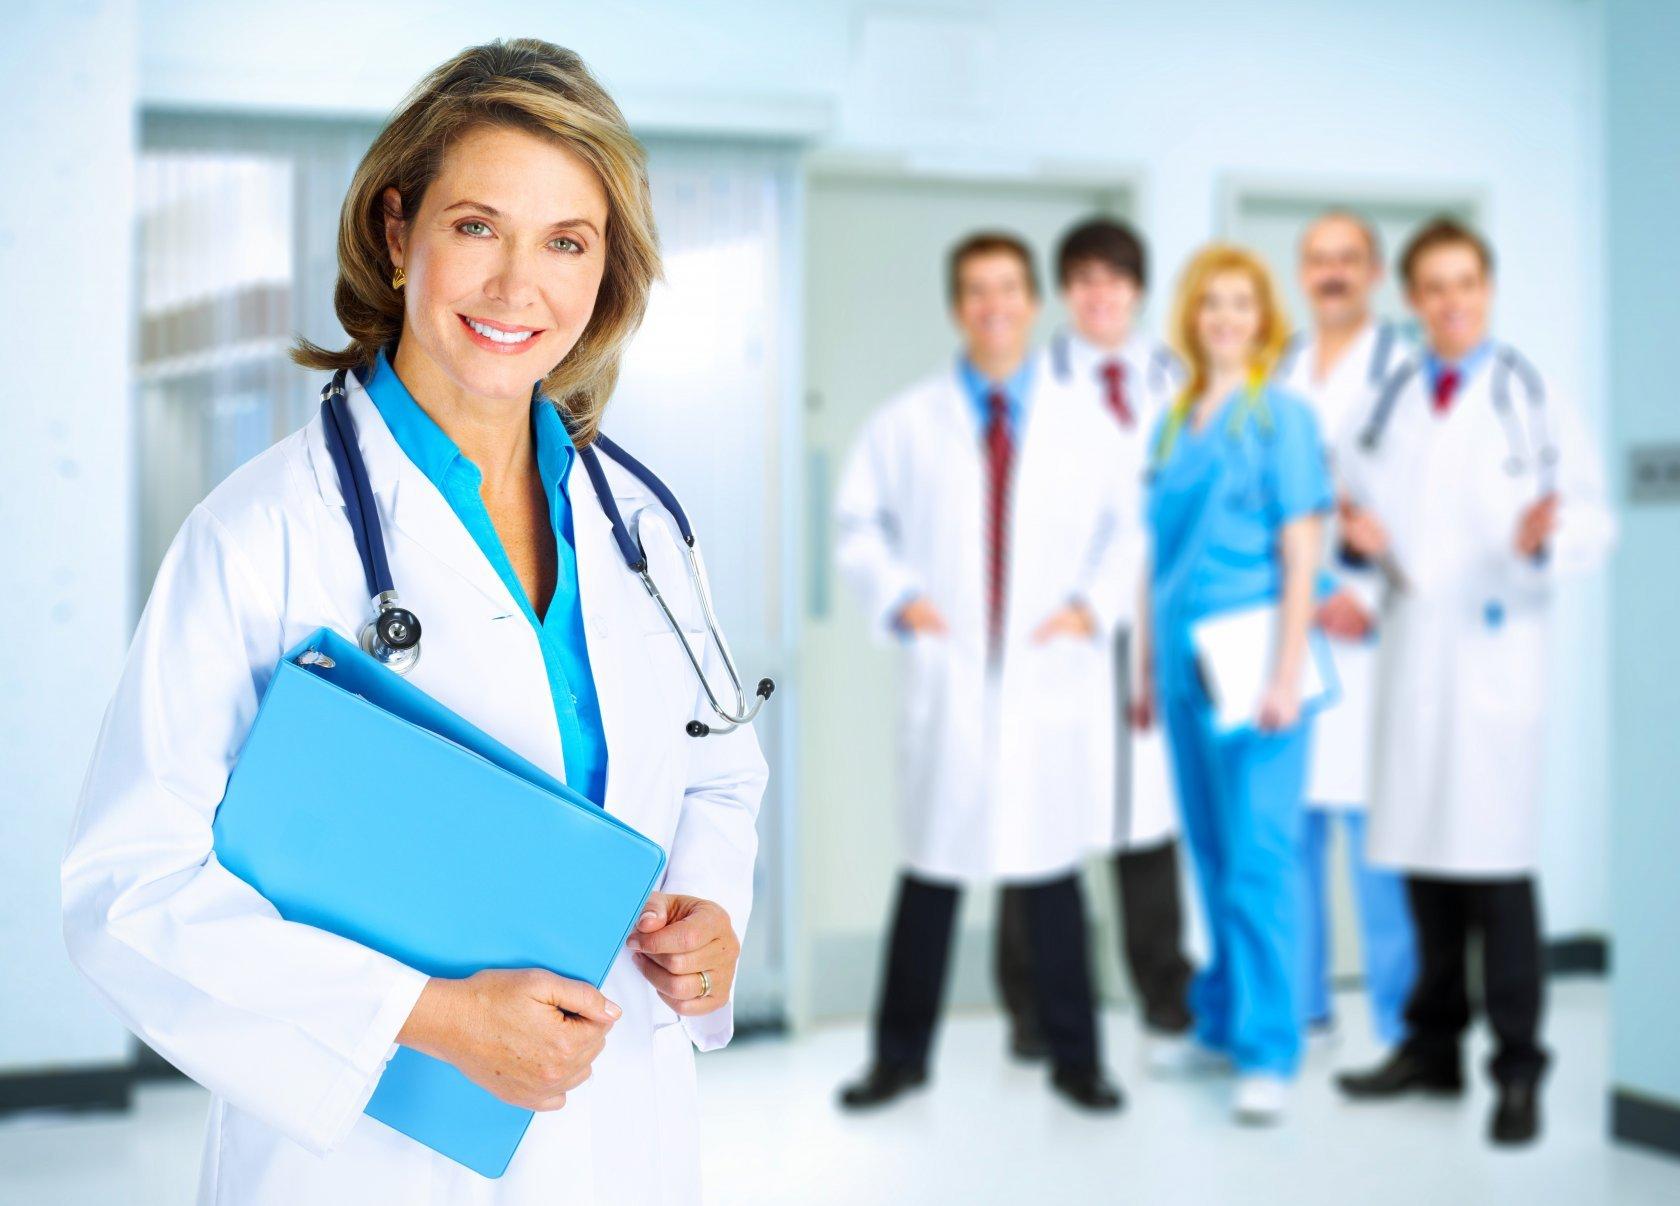 врачи улыбаются